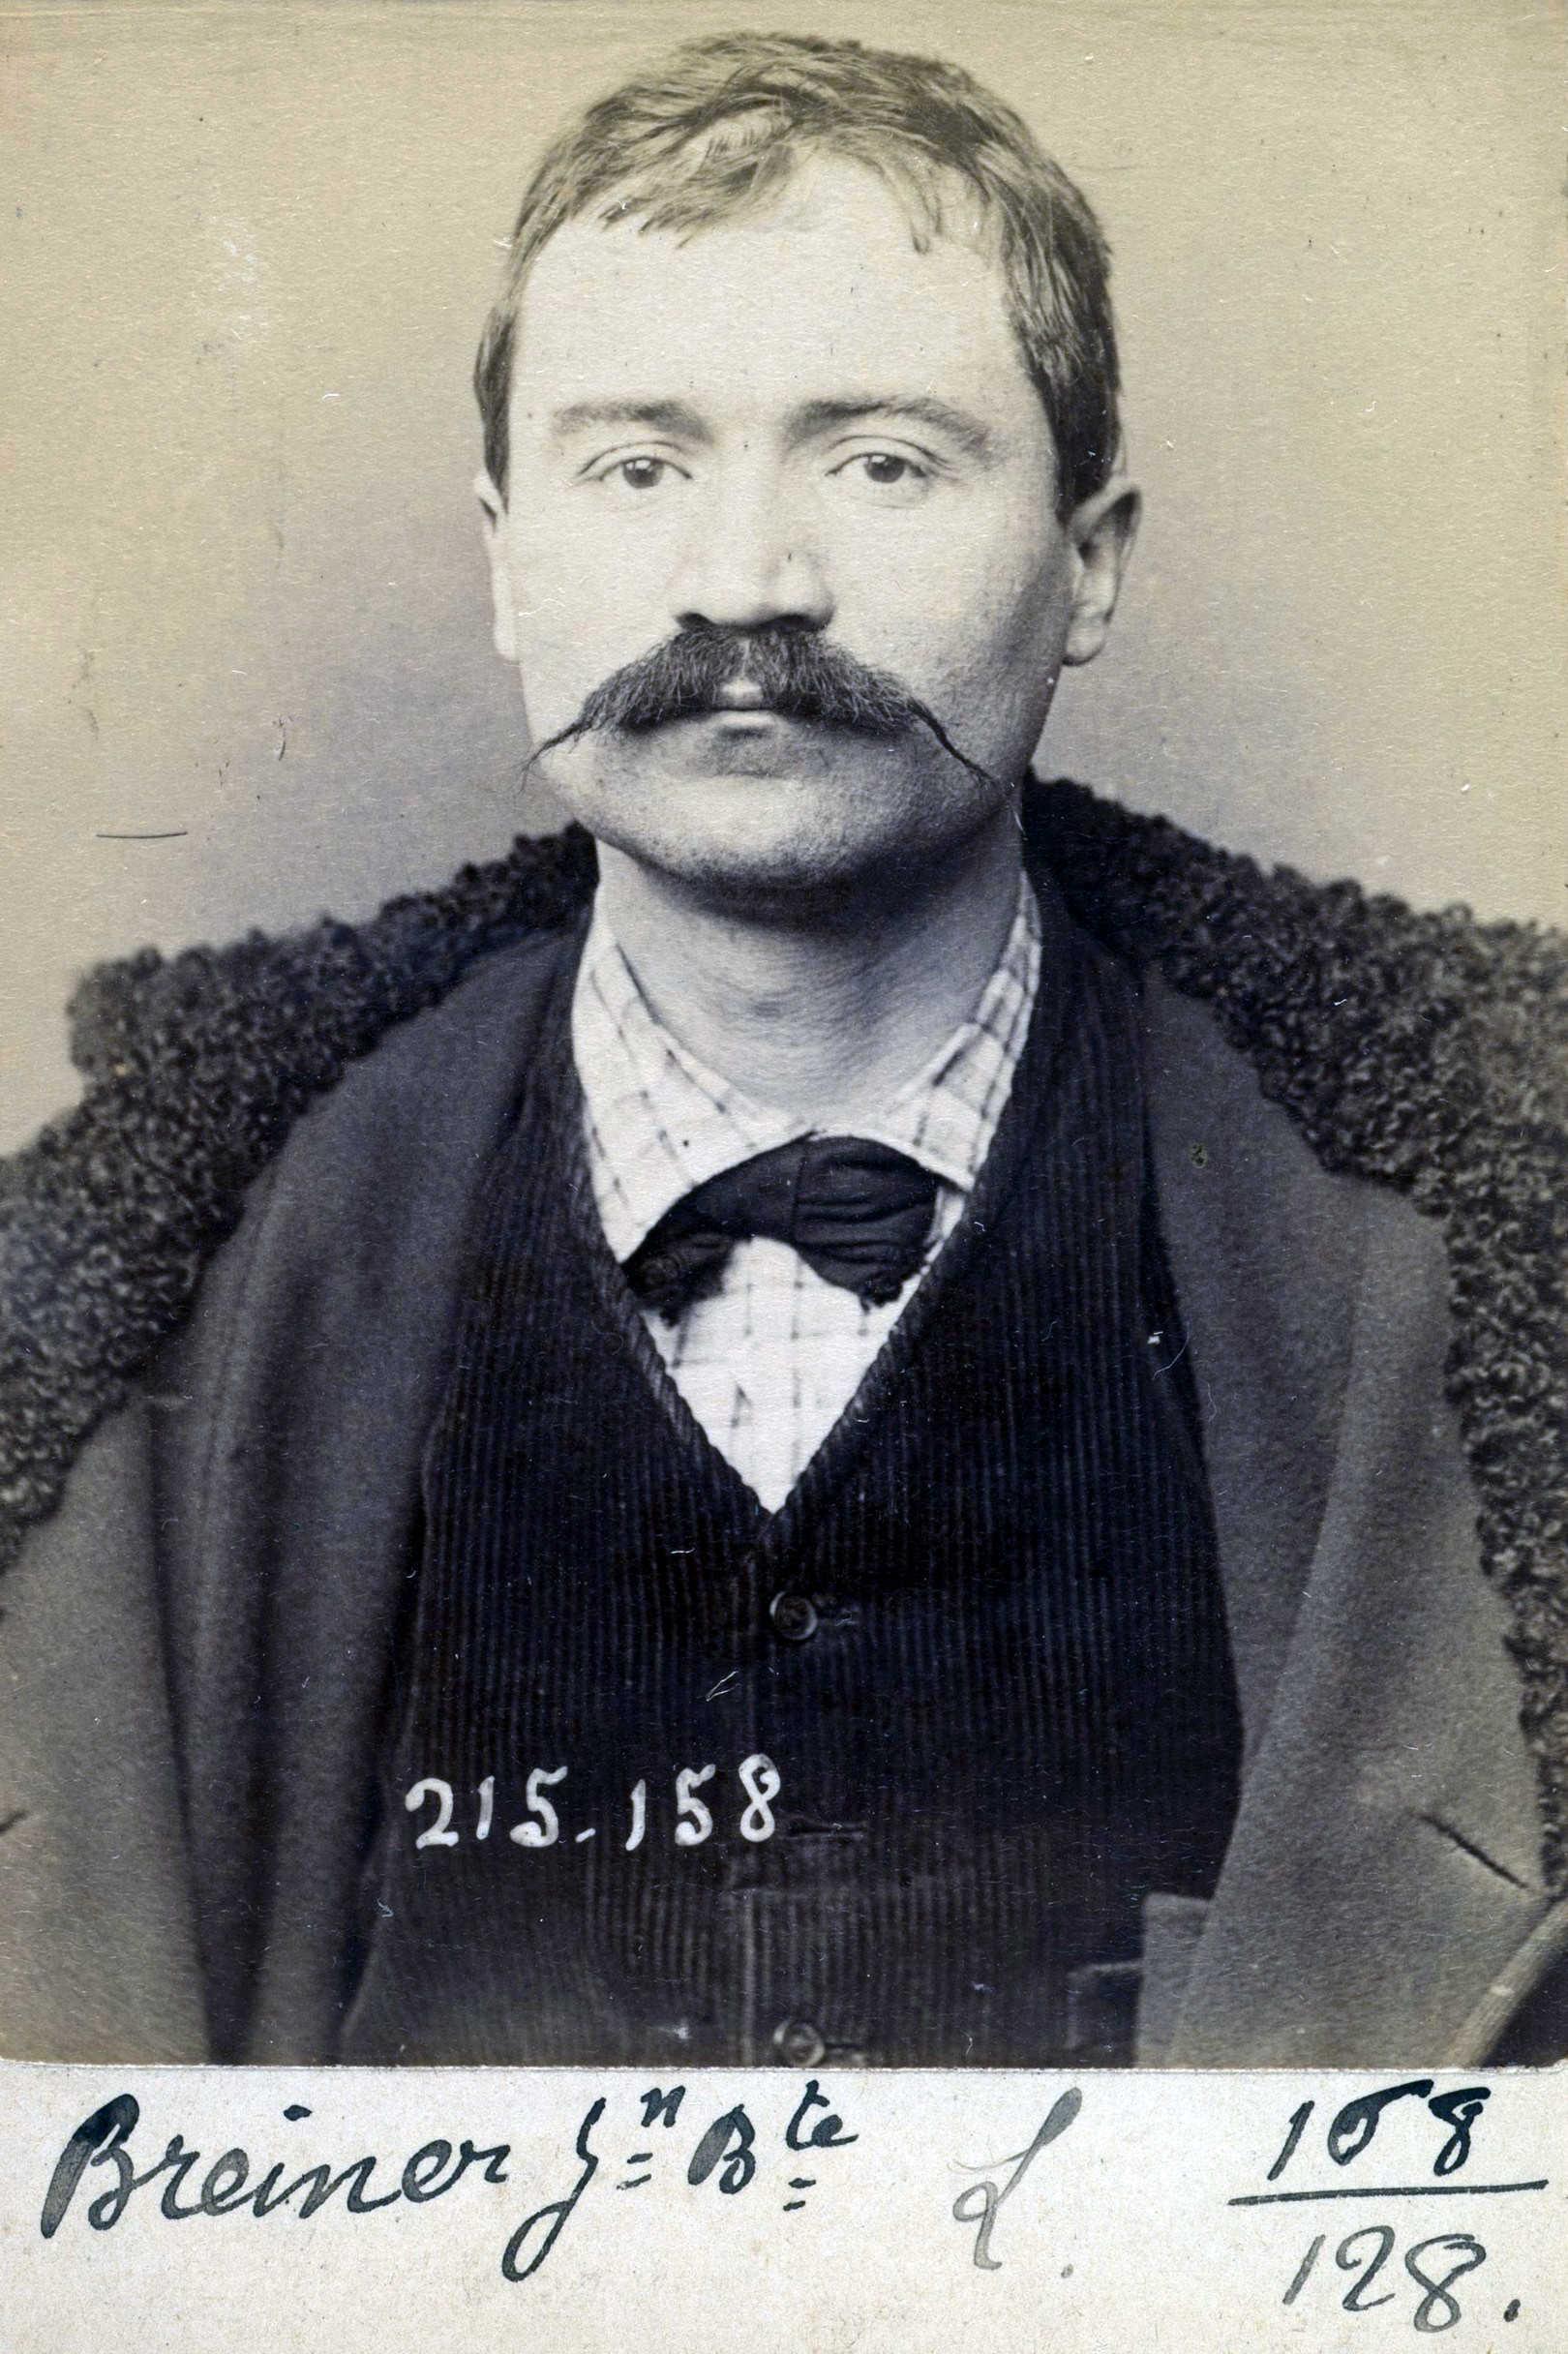 Foto policíaca de Jean-Baptiste Breiner (5 de març de 1894)